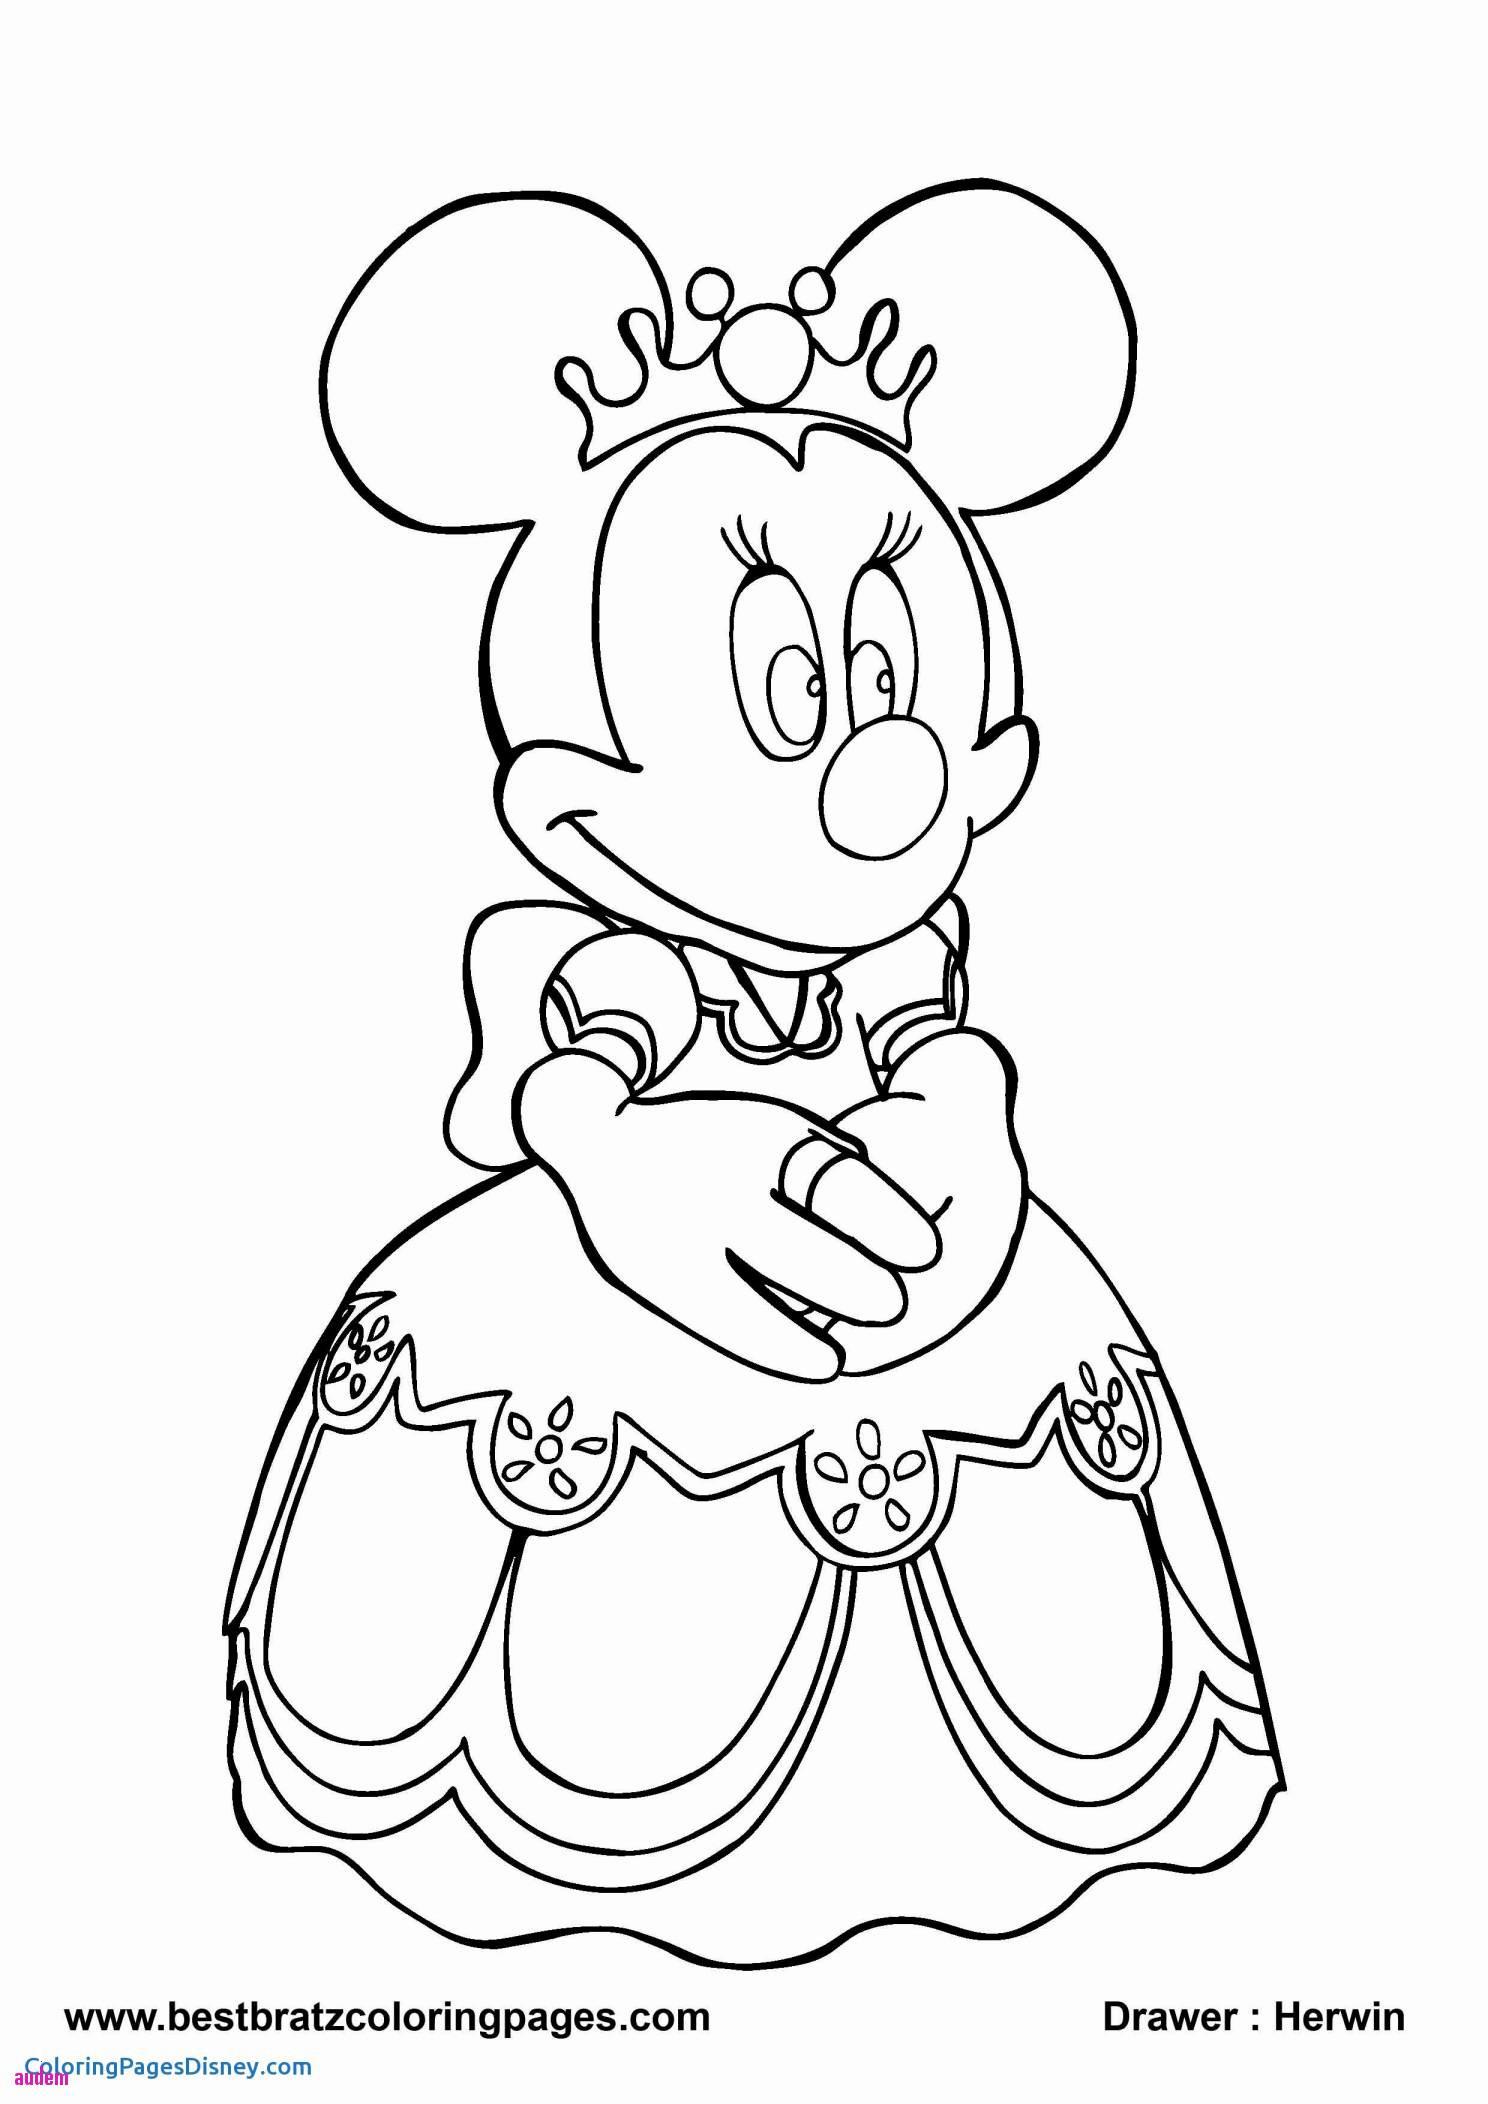 Micky Maus Bilder Zum Ausmalen Inspirierend 40 Frisch Mickey Mouse Ausmalbilder Beste Malvorlage Bild